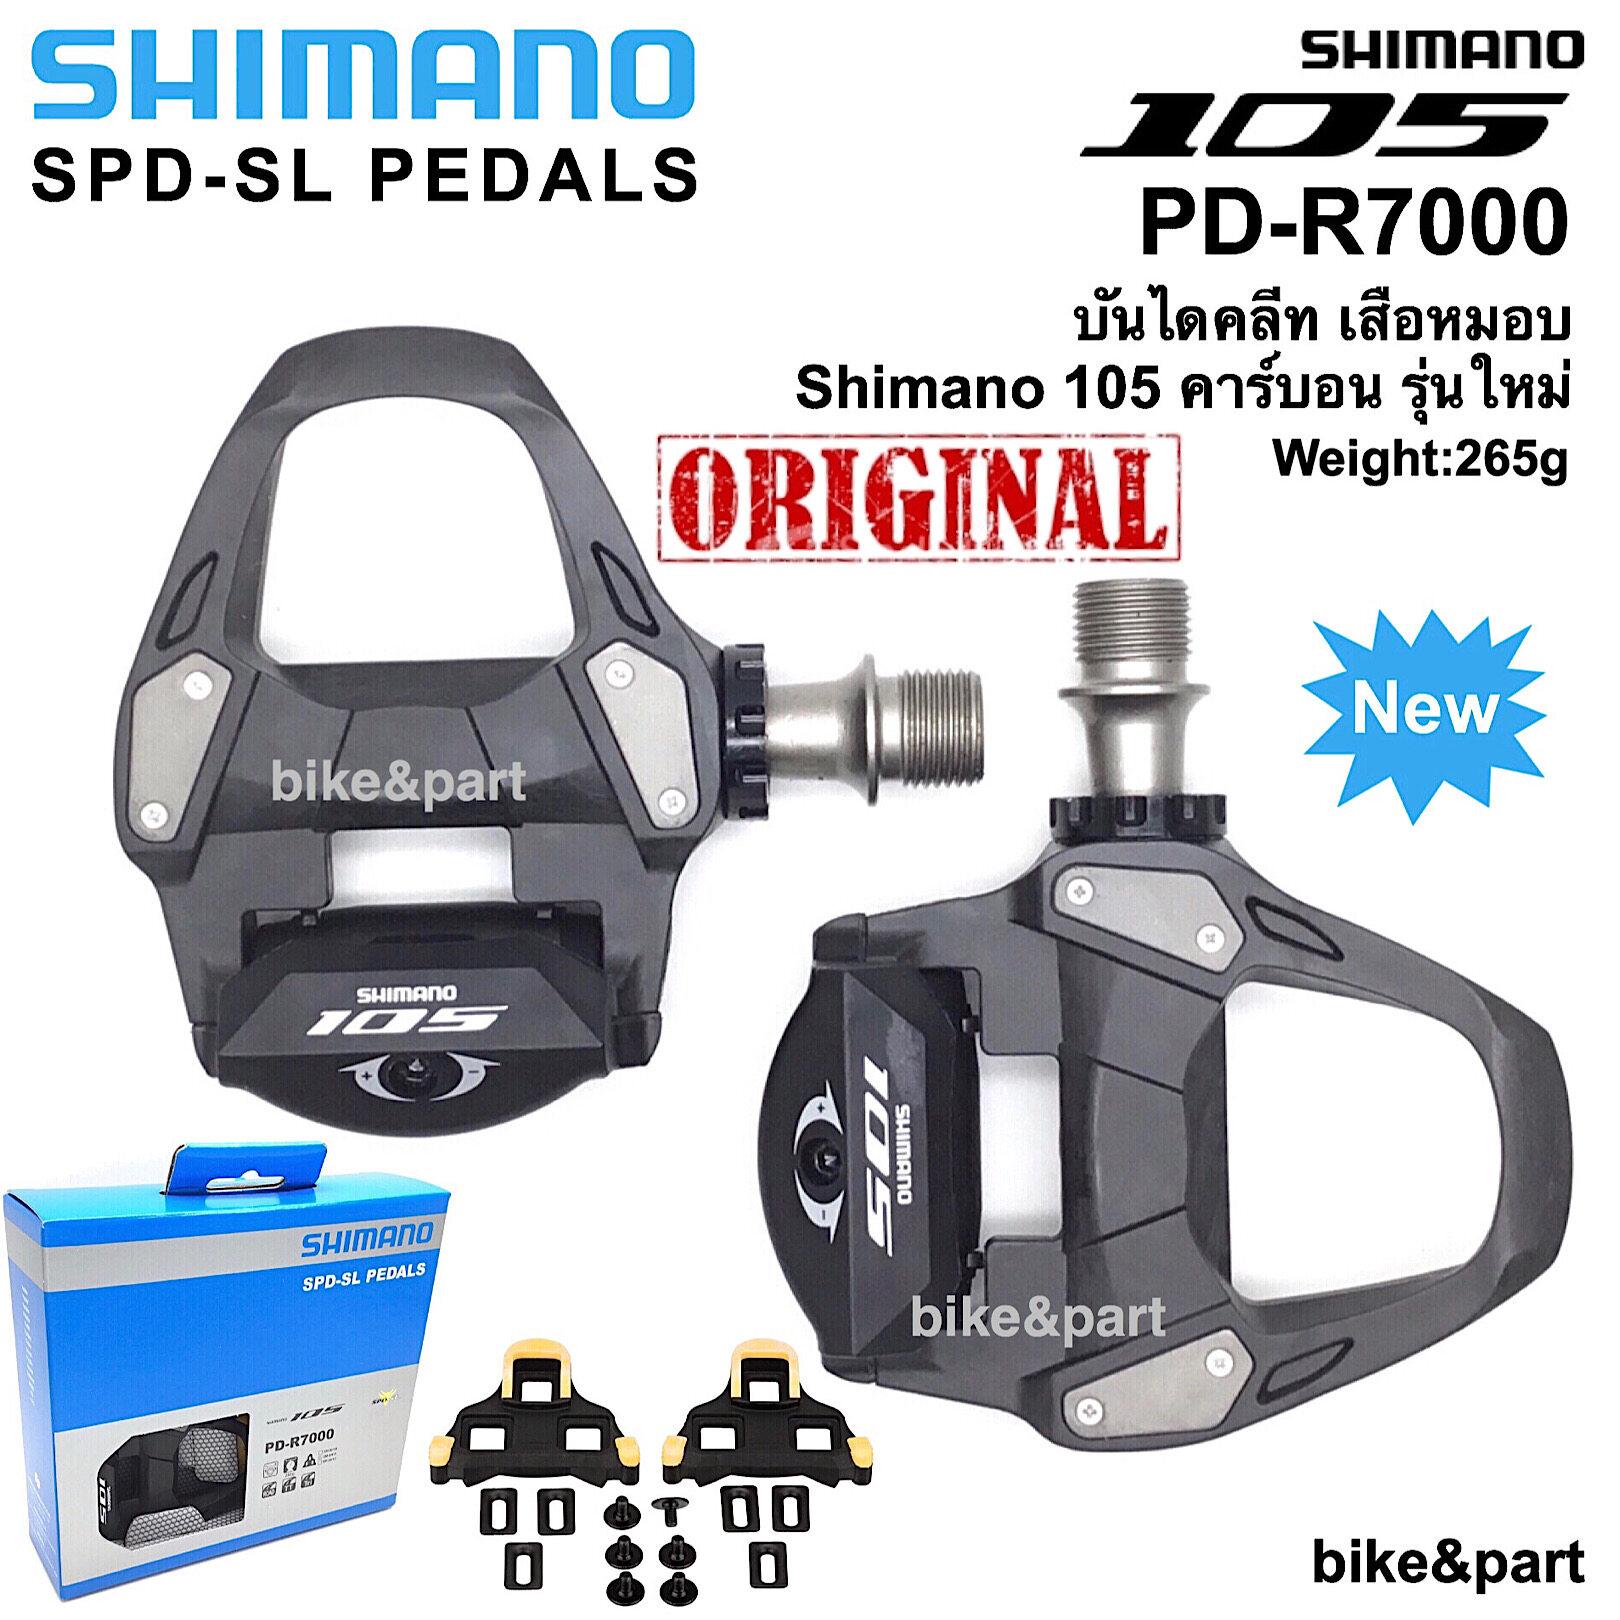 บันไดคลีท เสือหมอบ Shimano 105 คาร์บอน/ Pd-R7000/ New.